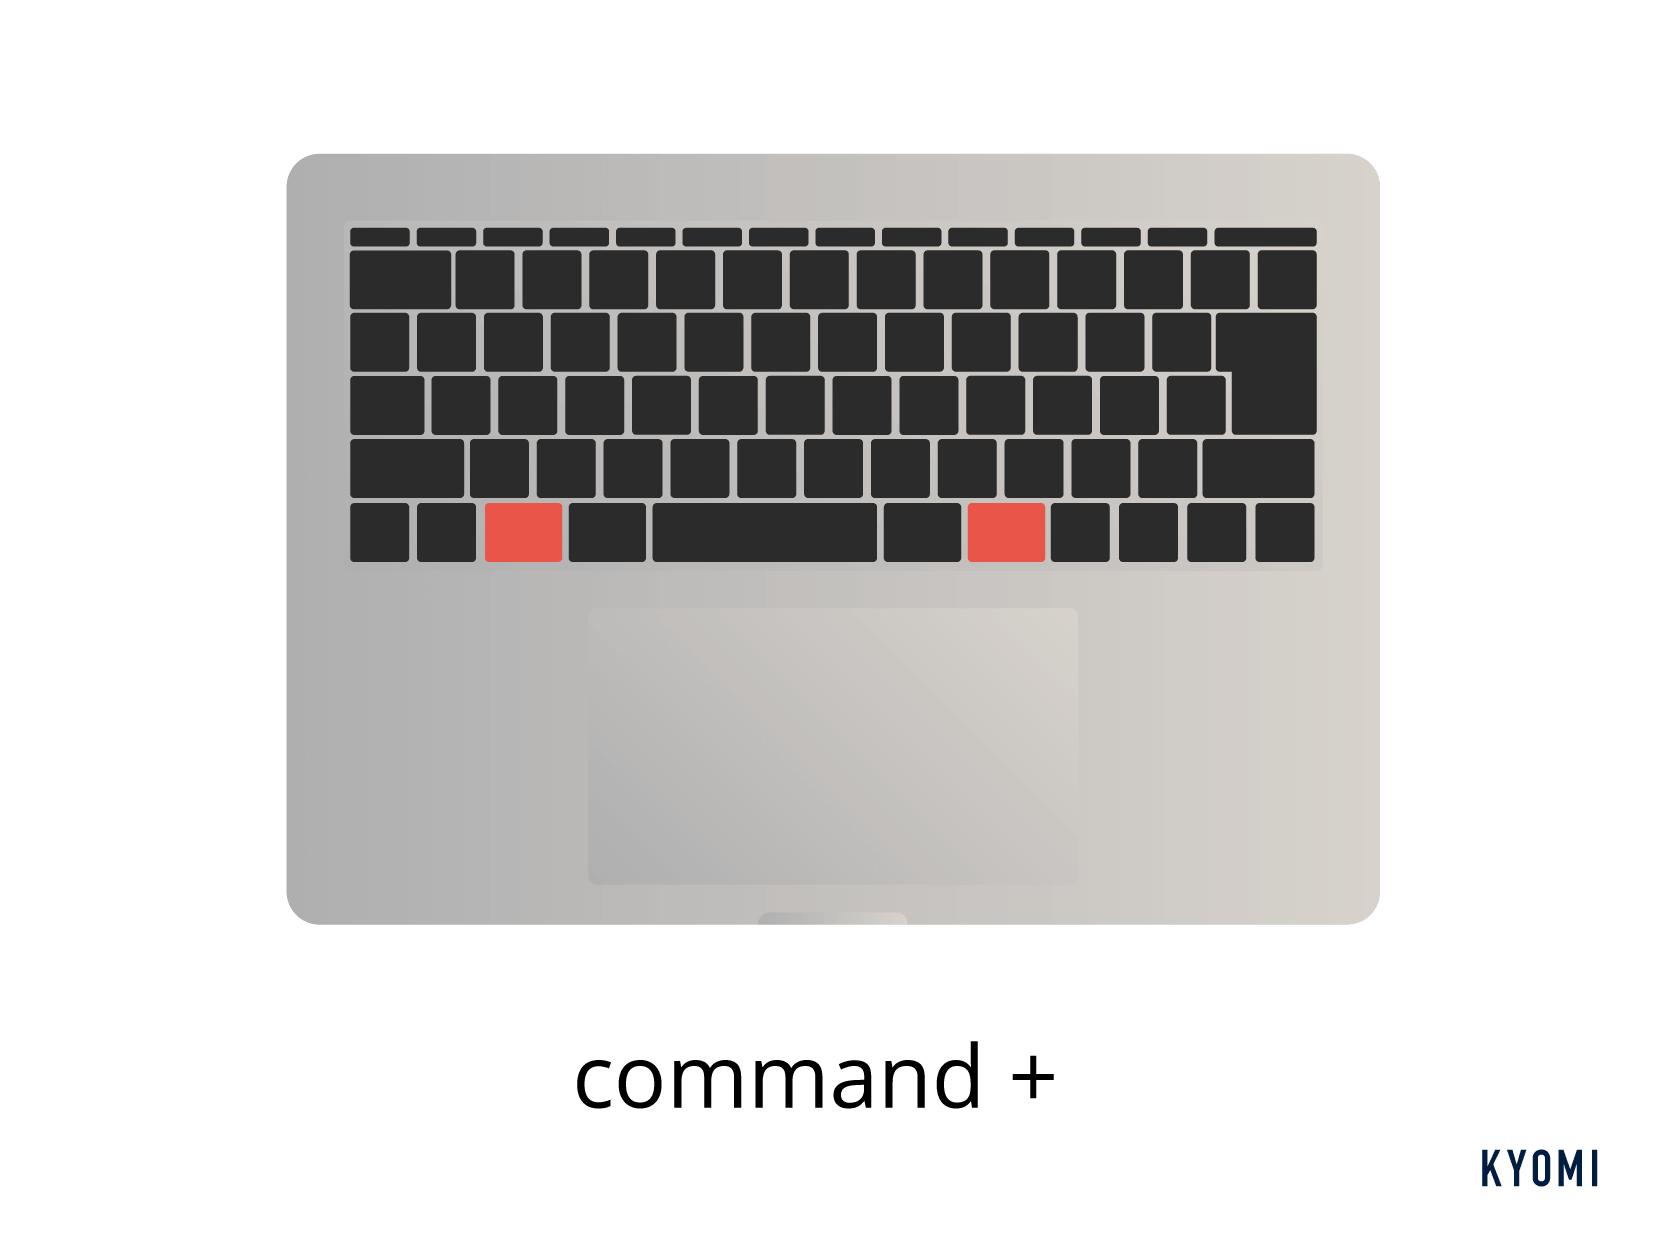 macキーボードショートカット種類-コマンドキー